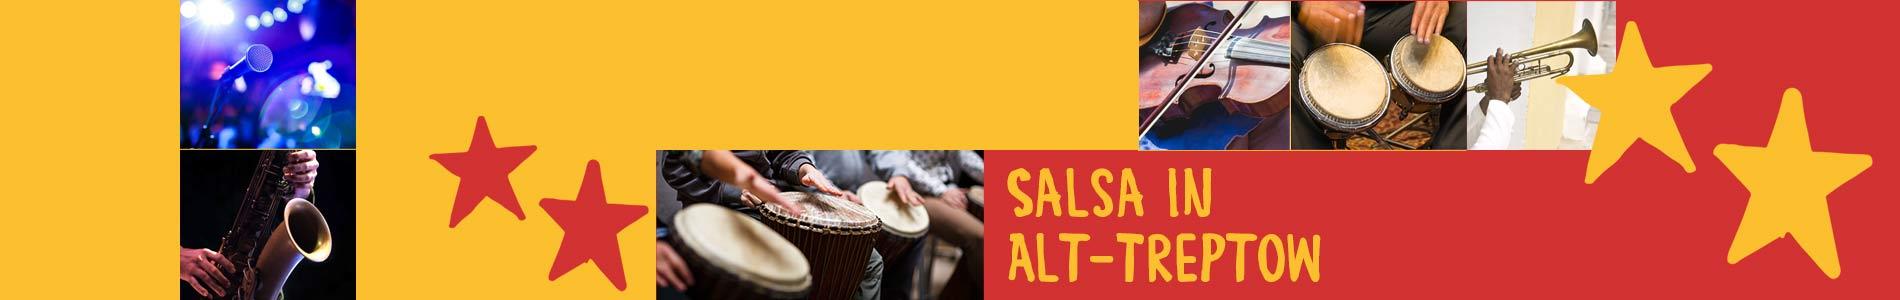 Salsa in Alt-Treptow – Salsa lernen und tanzen, Tanzkurse, Partys, Veranstaltungen